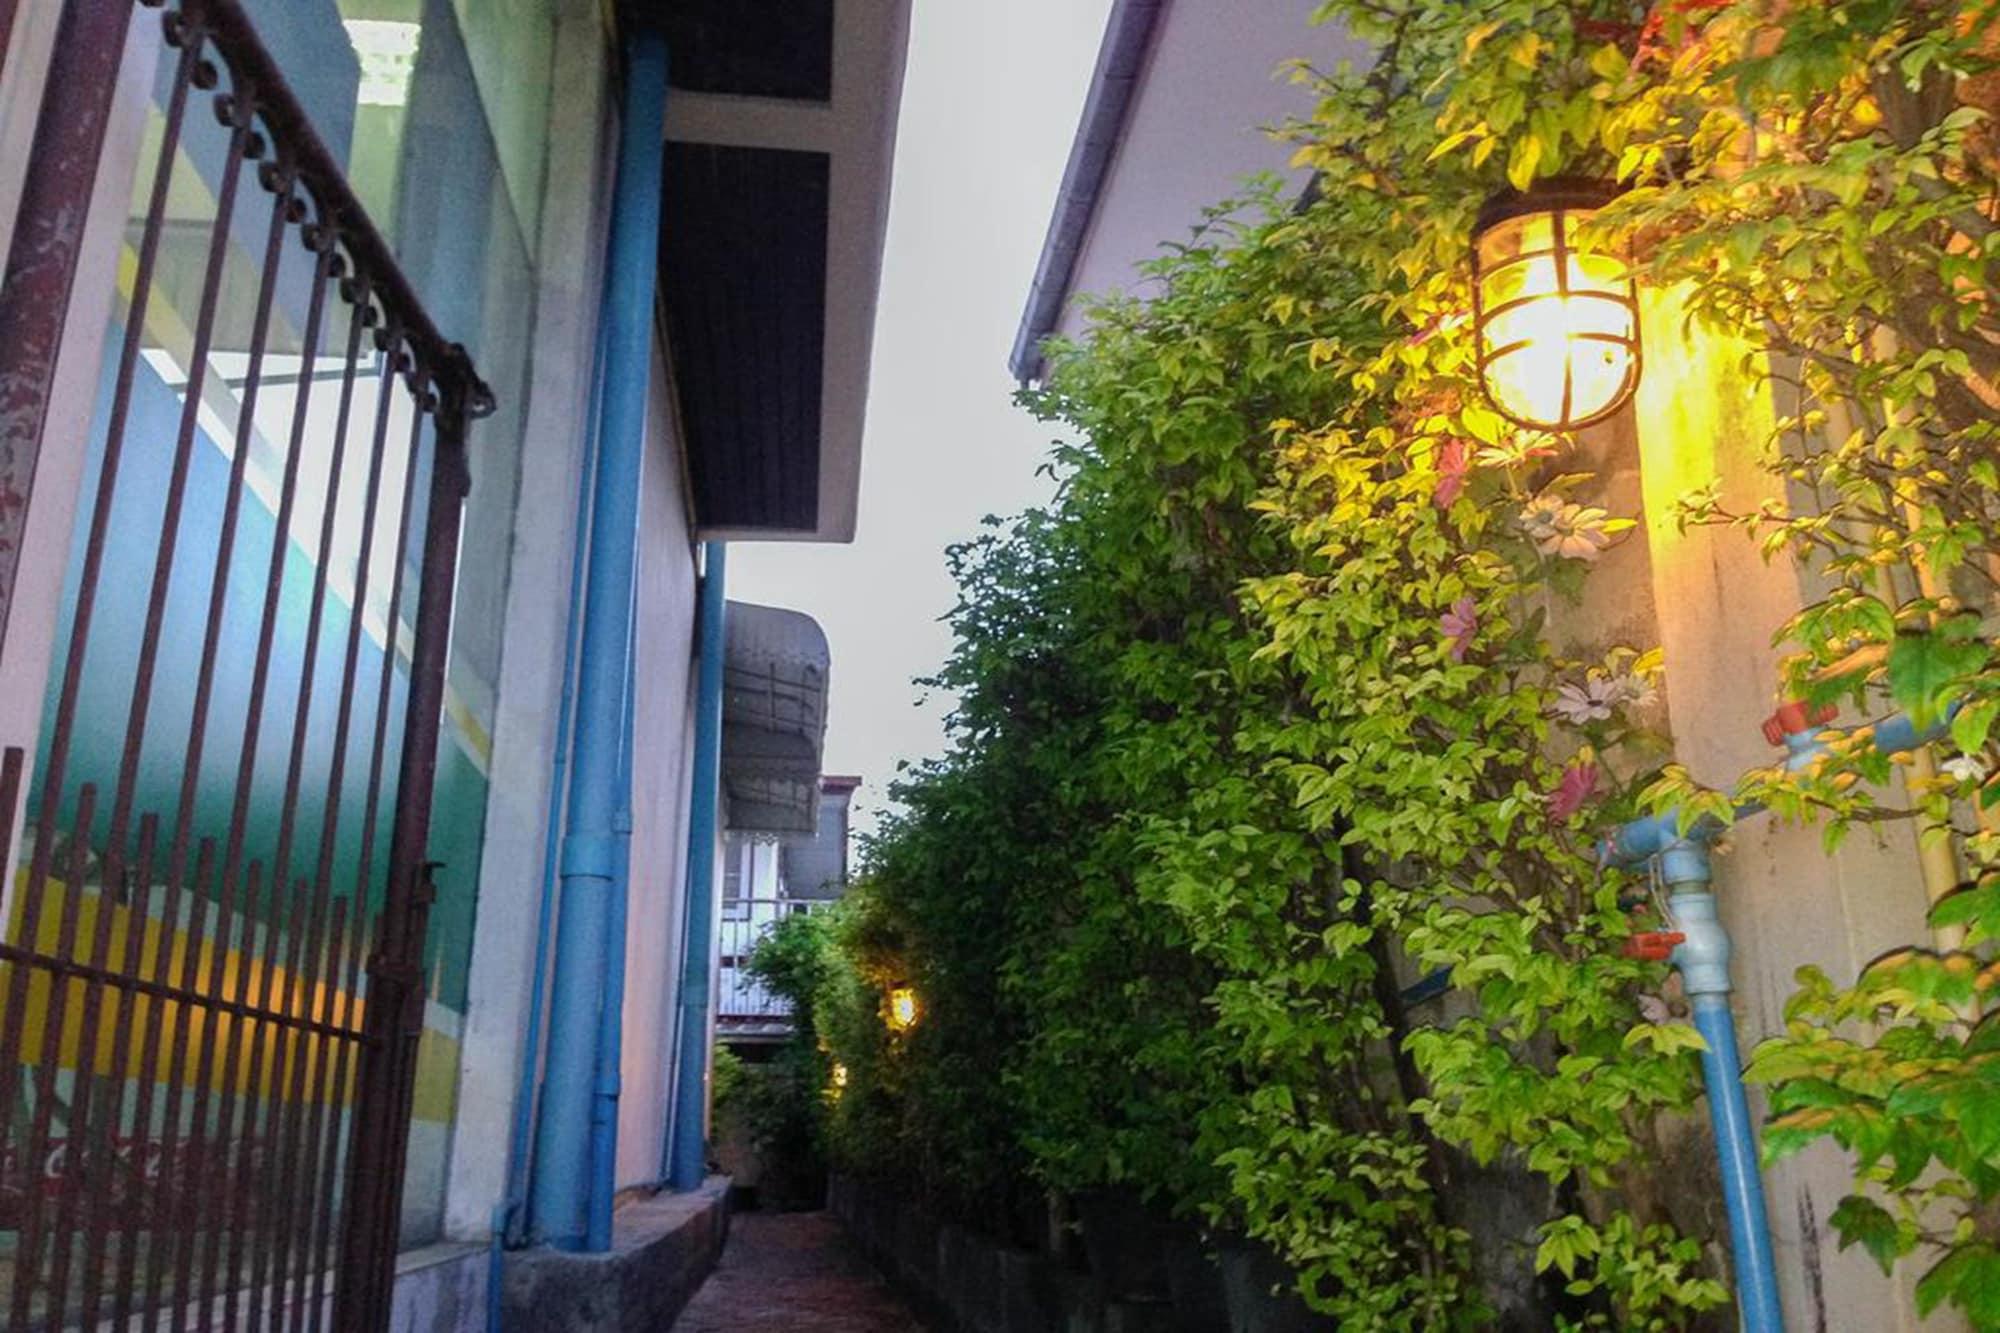 Warm Hug Home & Apartment, Wang Thonglang